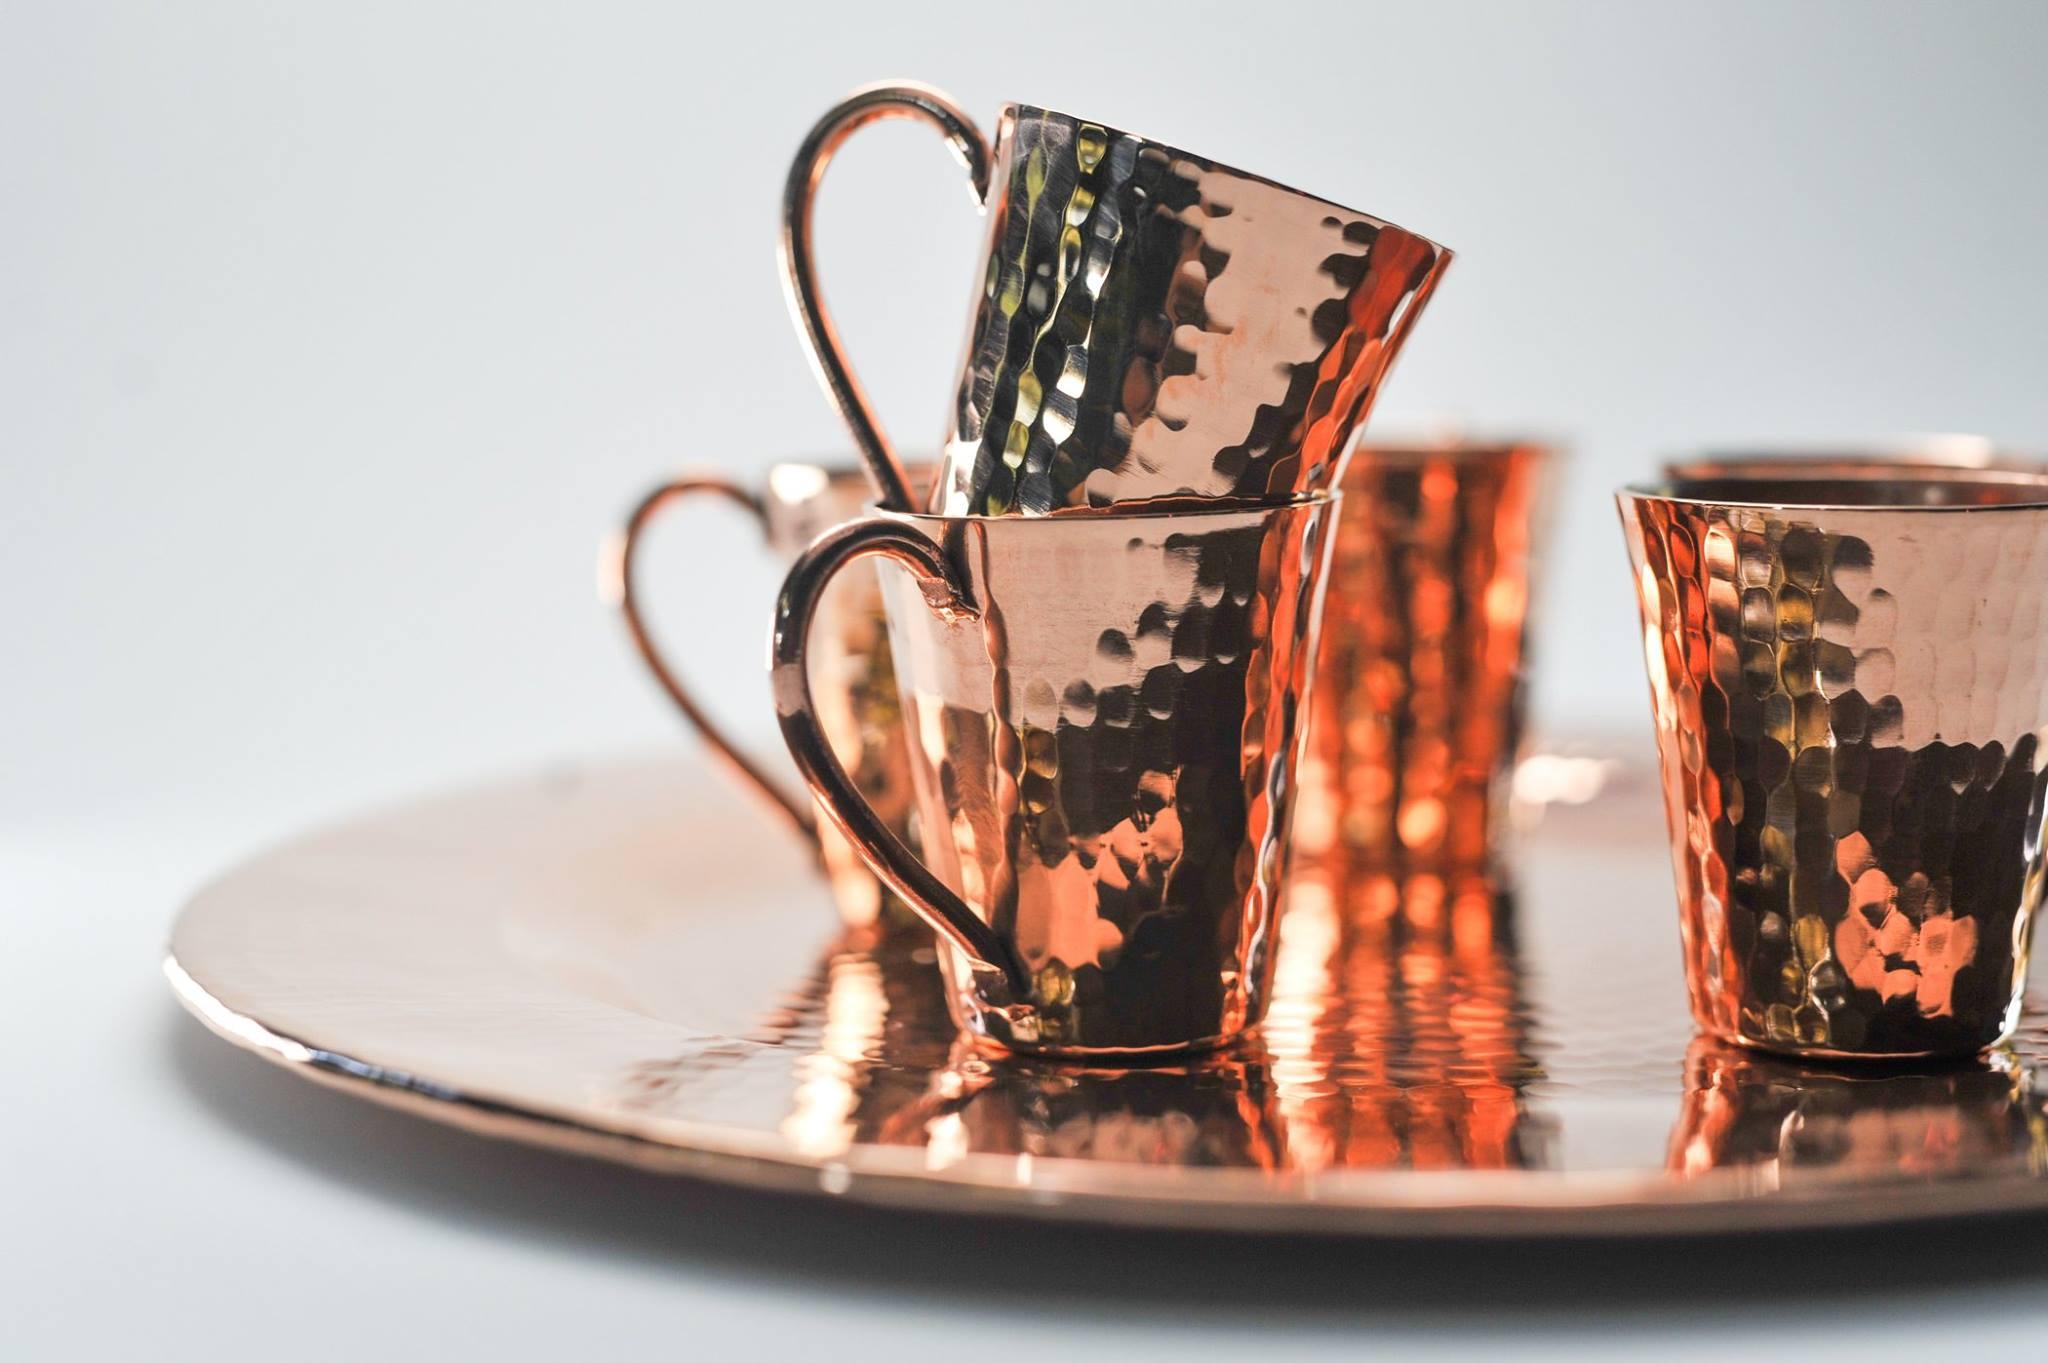 Sertado copper co sertado